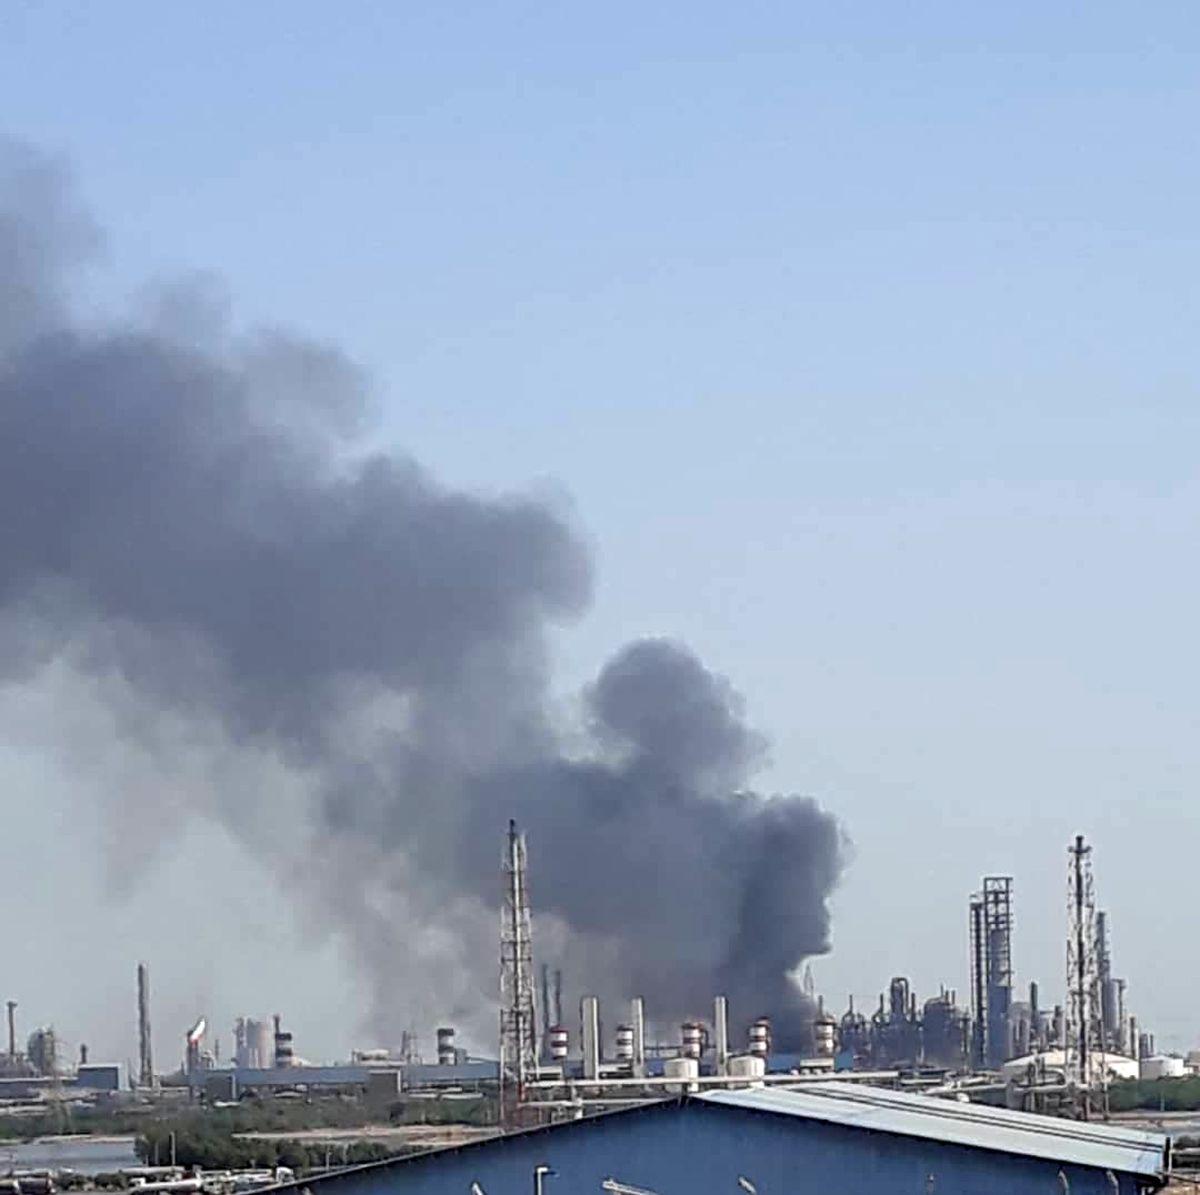 آتش سوزی گسترده در پتروشیمی معروف کشور+ فیلم